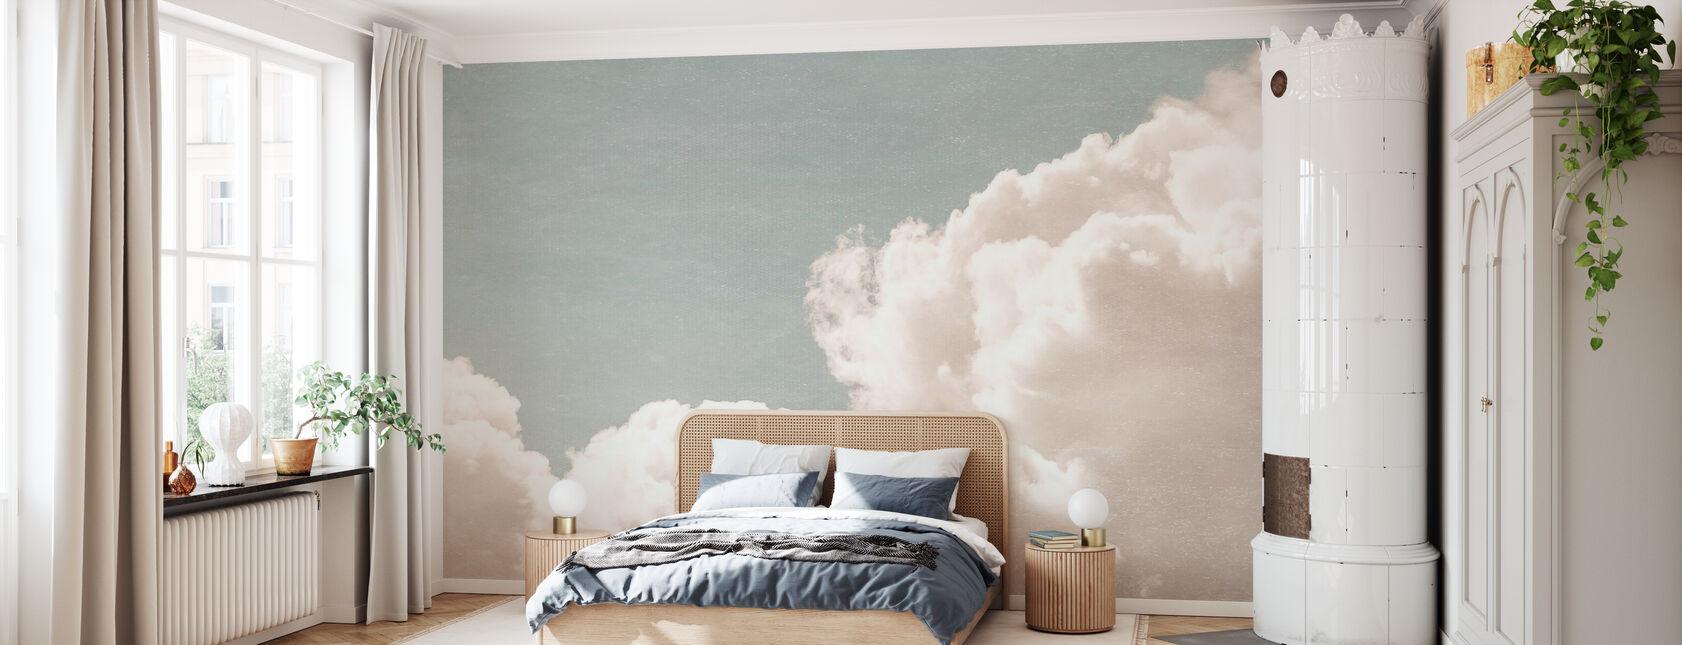 Blozen Wolken Daydream Filter - Behang - Slaapkamer